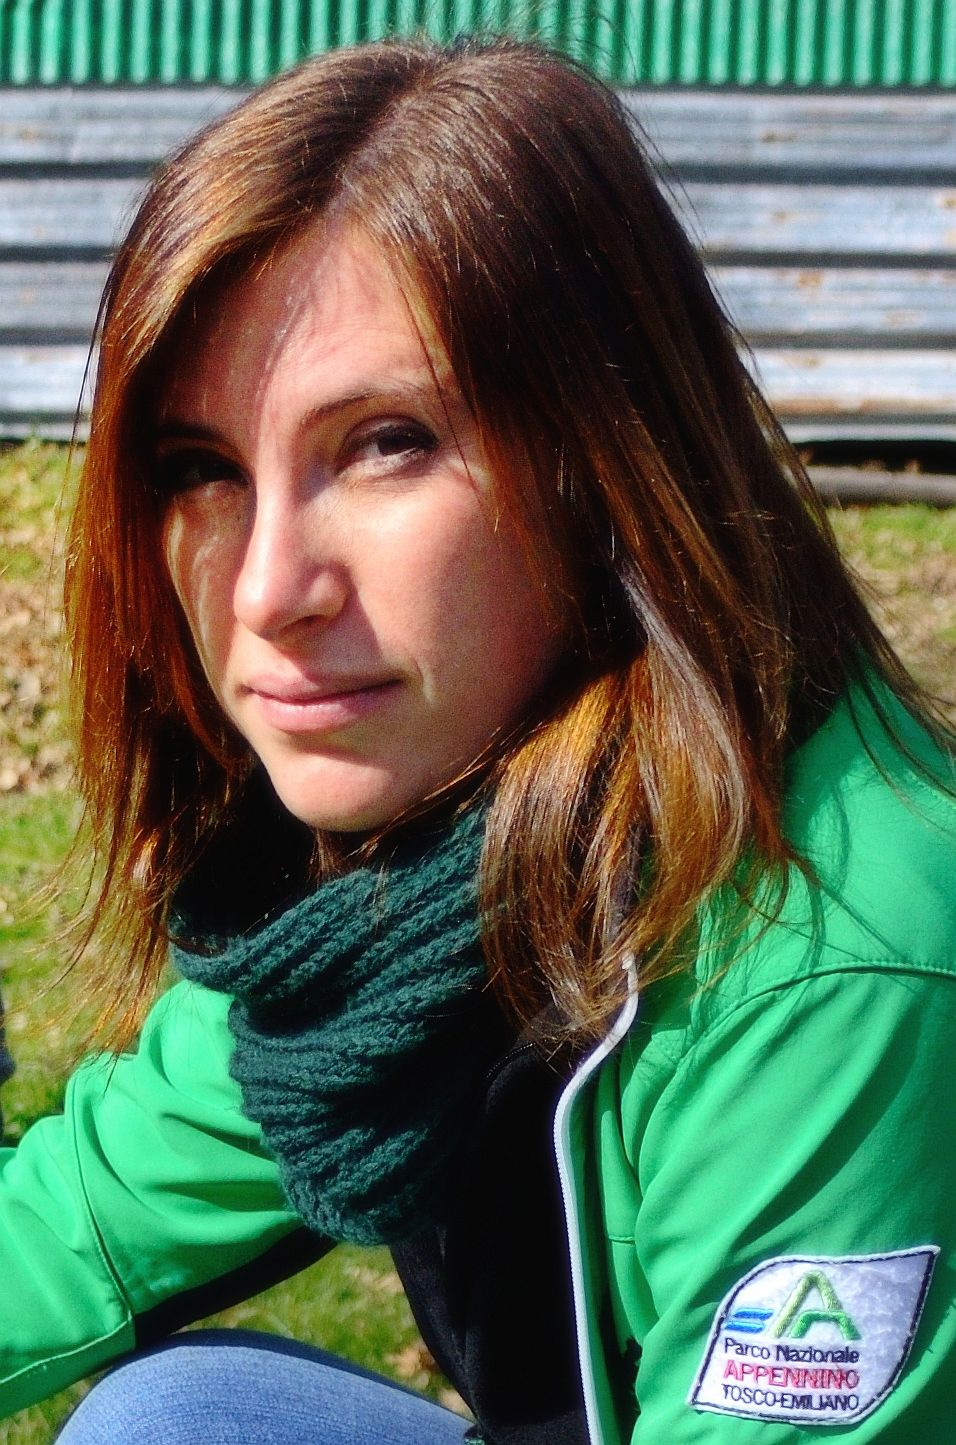 Francesca Orsoni